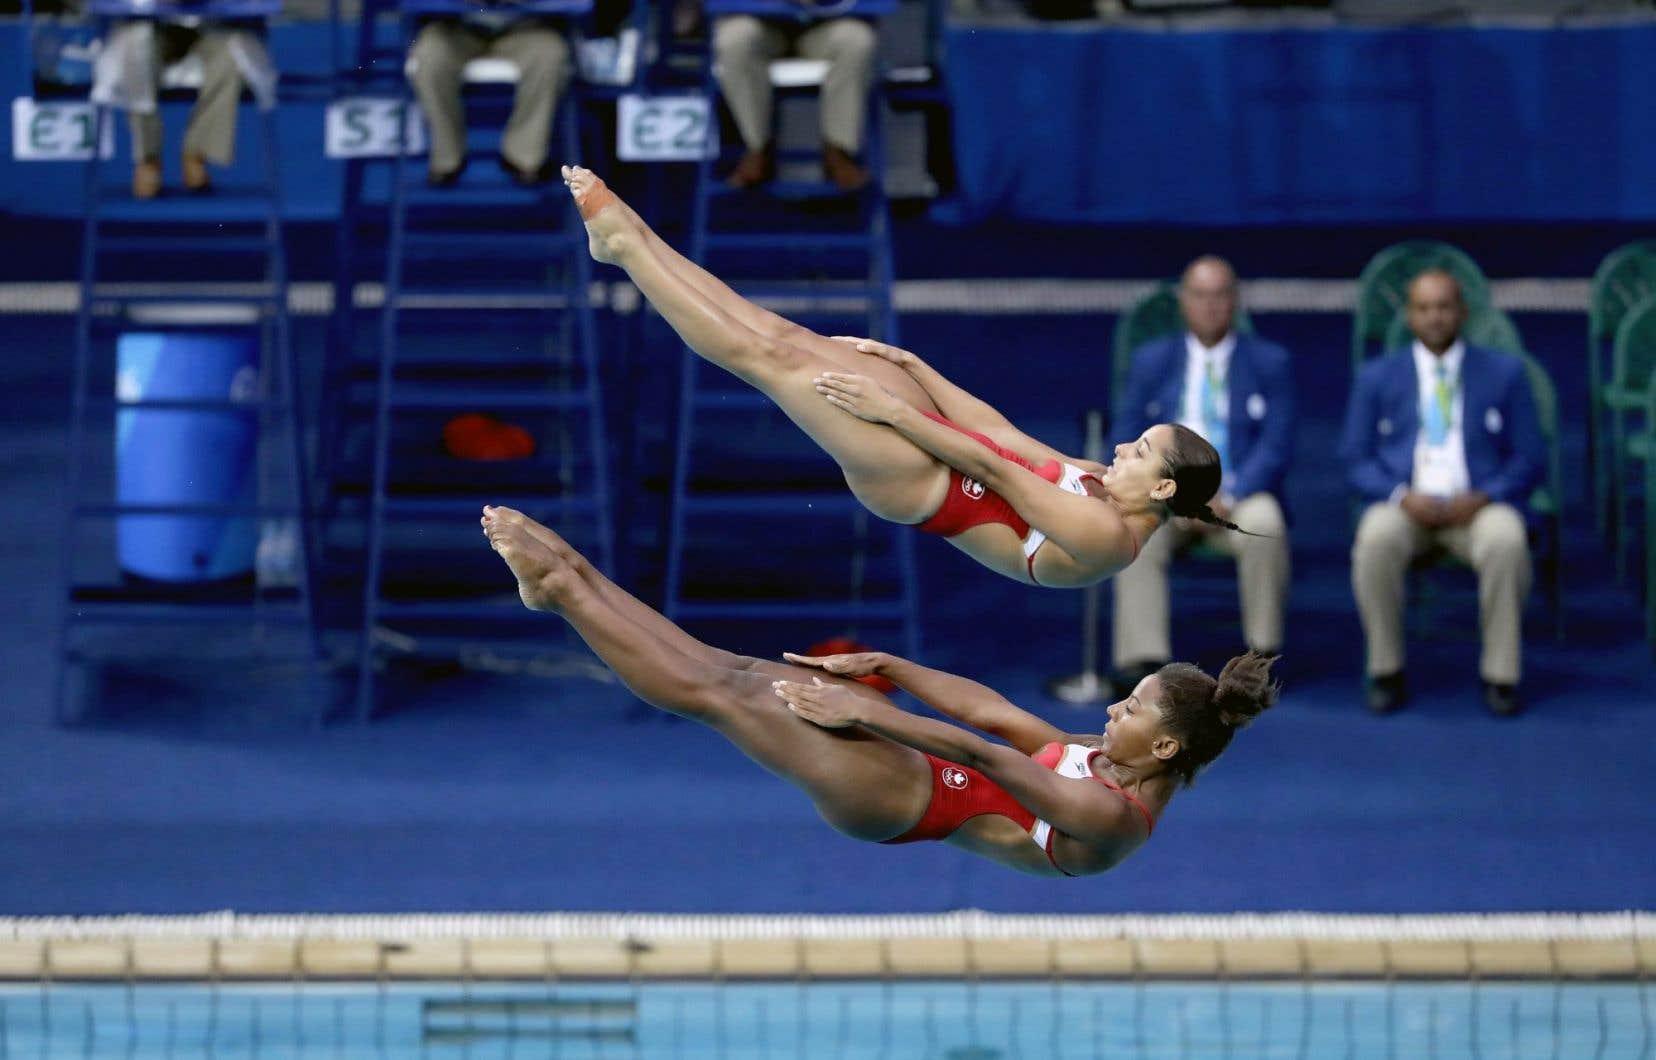 Les plongeuses québécoises Jennifer Abel (bas) et Pamela Ware n'ont pu répondre aux attentes en terminant au pied du podium, derrière les Chinoises, les Italiennes et les Australiennes.